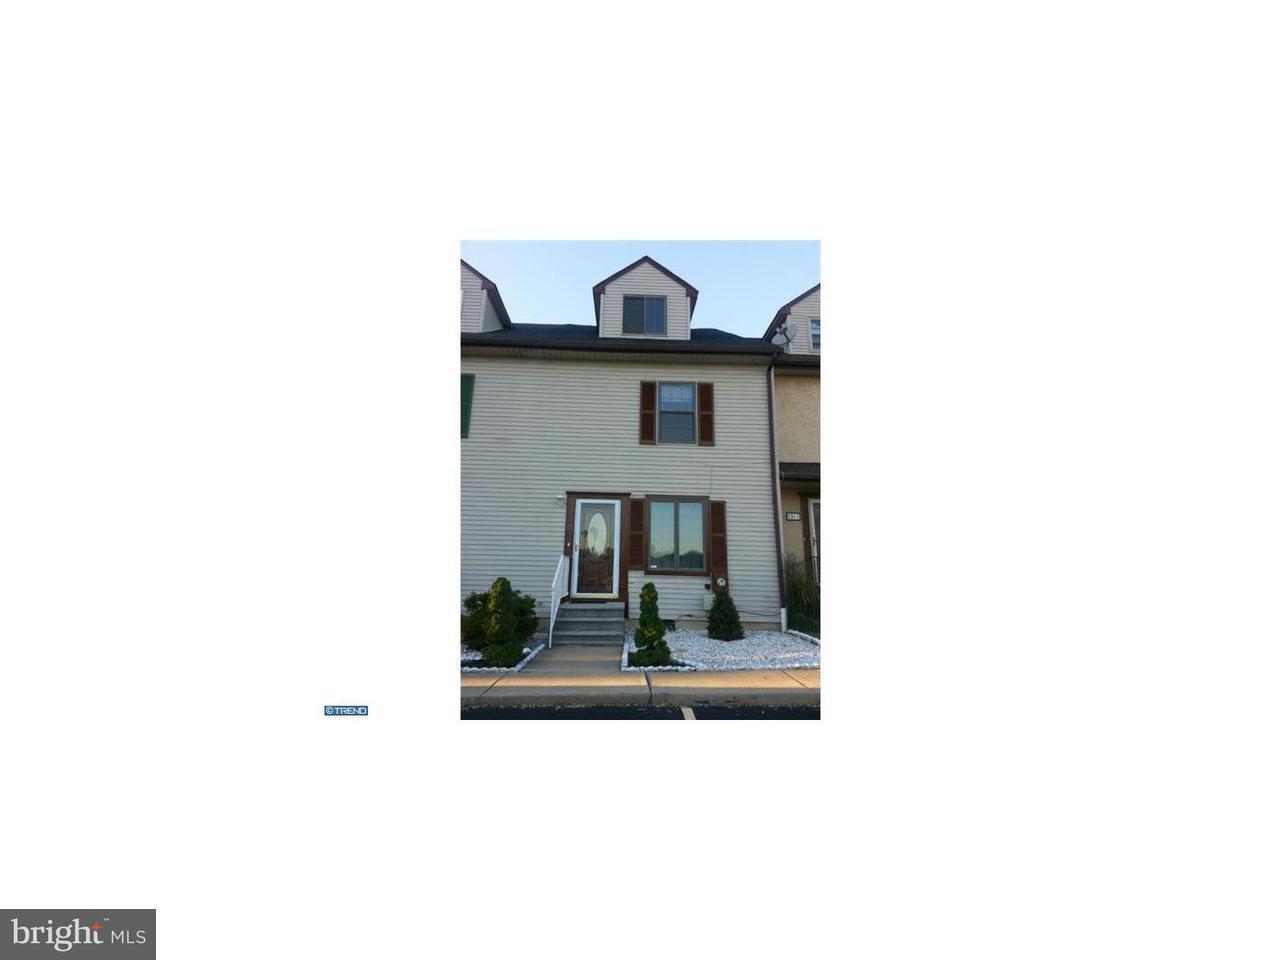 Casa unifamiliar adosada (Townhouse) por un Alquiler en 24 FRESCONI Court New Castle, Delaware 19720 Estados Unidos